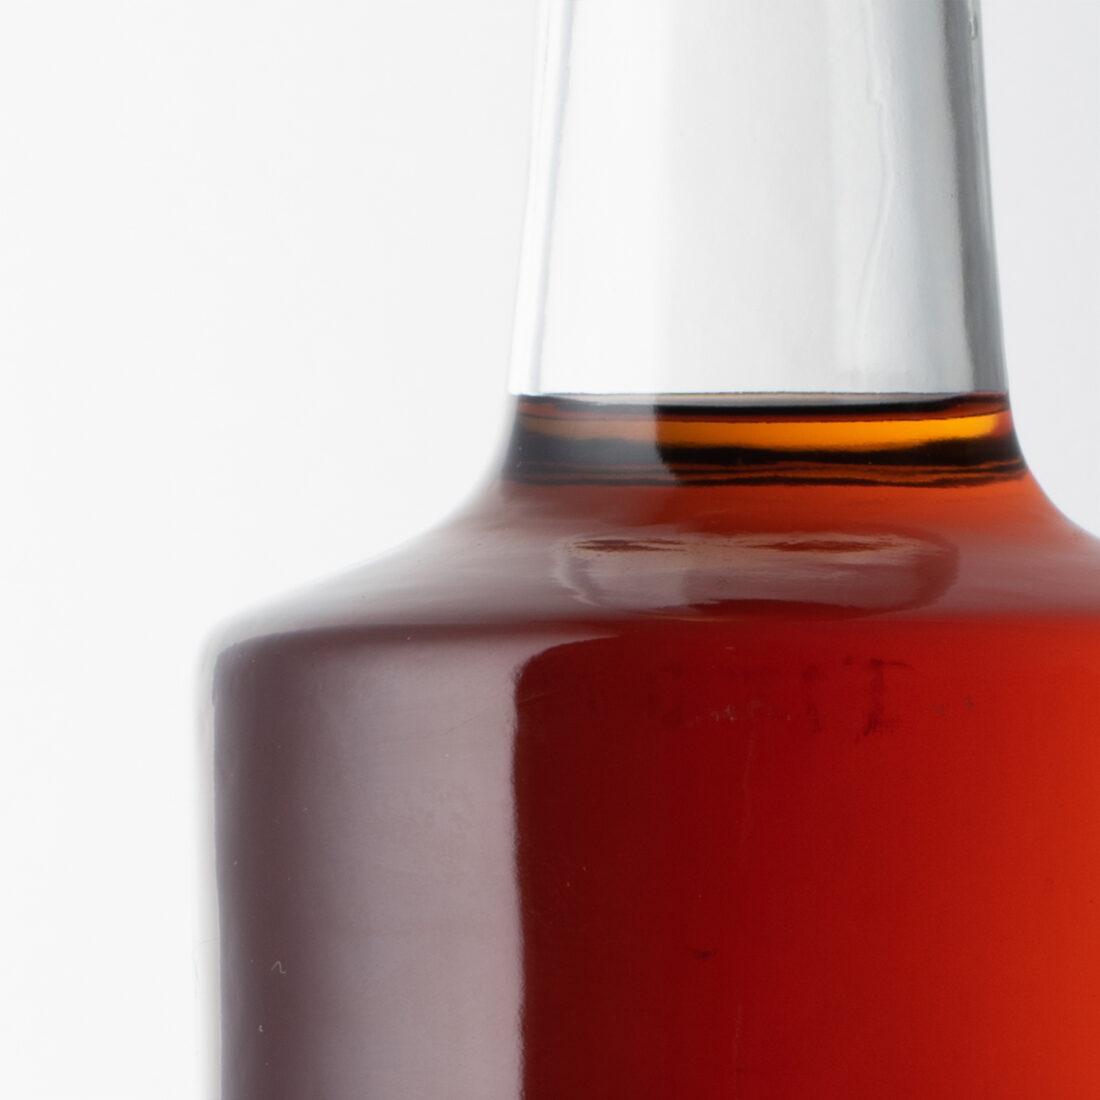 Foto della bottiglia prima dell'intervento in post-produzione: sono presenti alcune imperfezioni dei riflessi date dalle piccole irregolarità del vetro